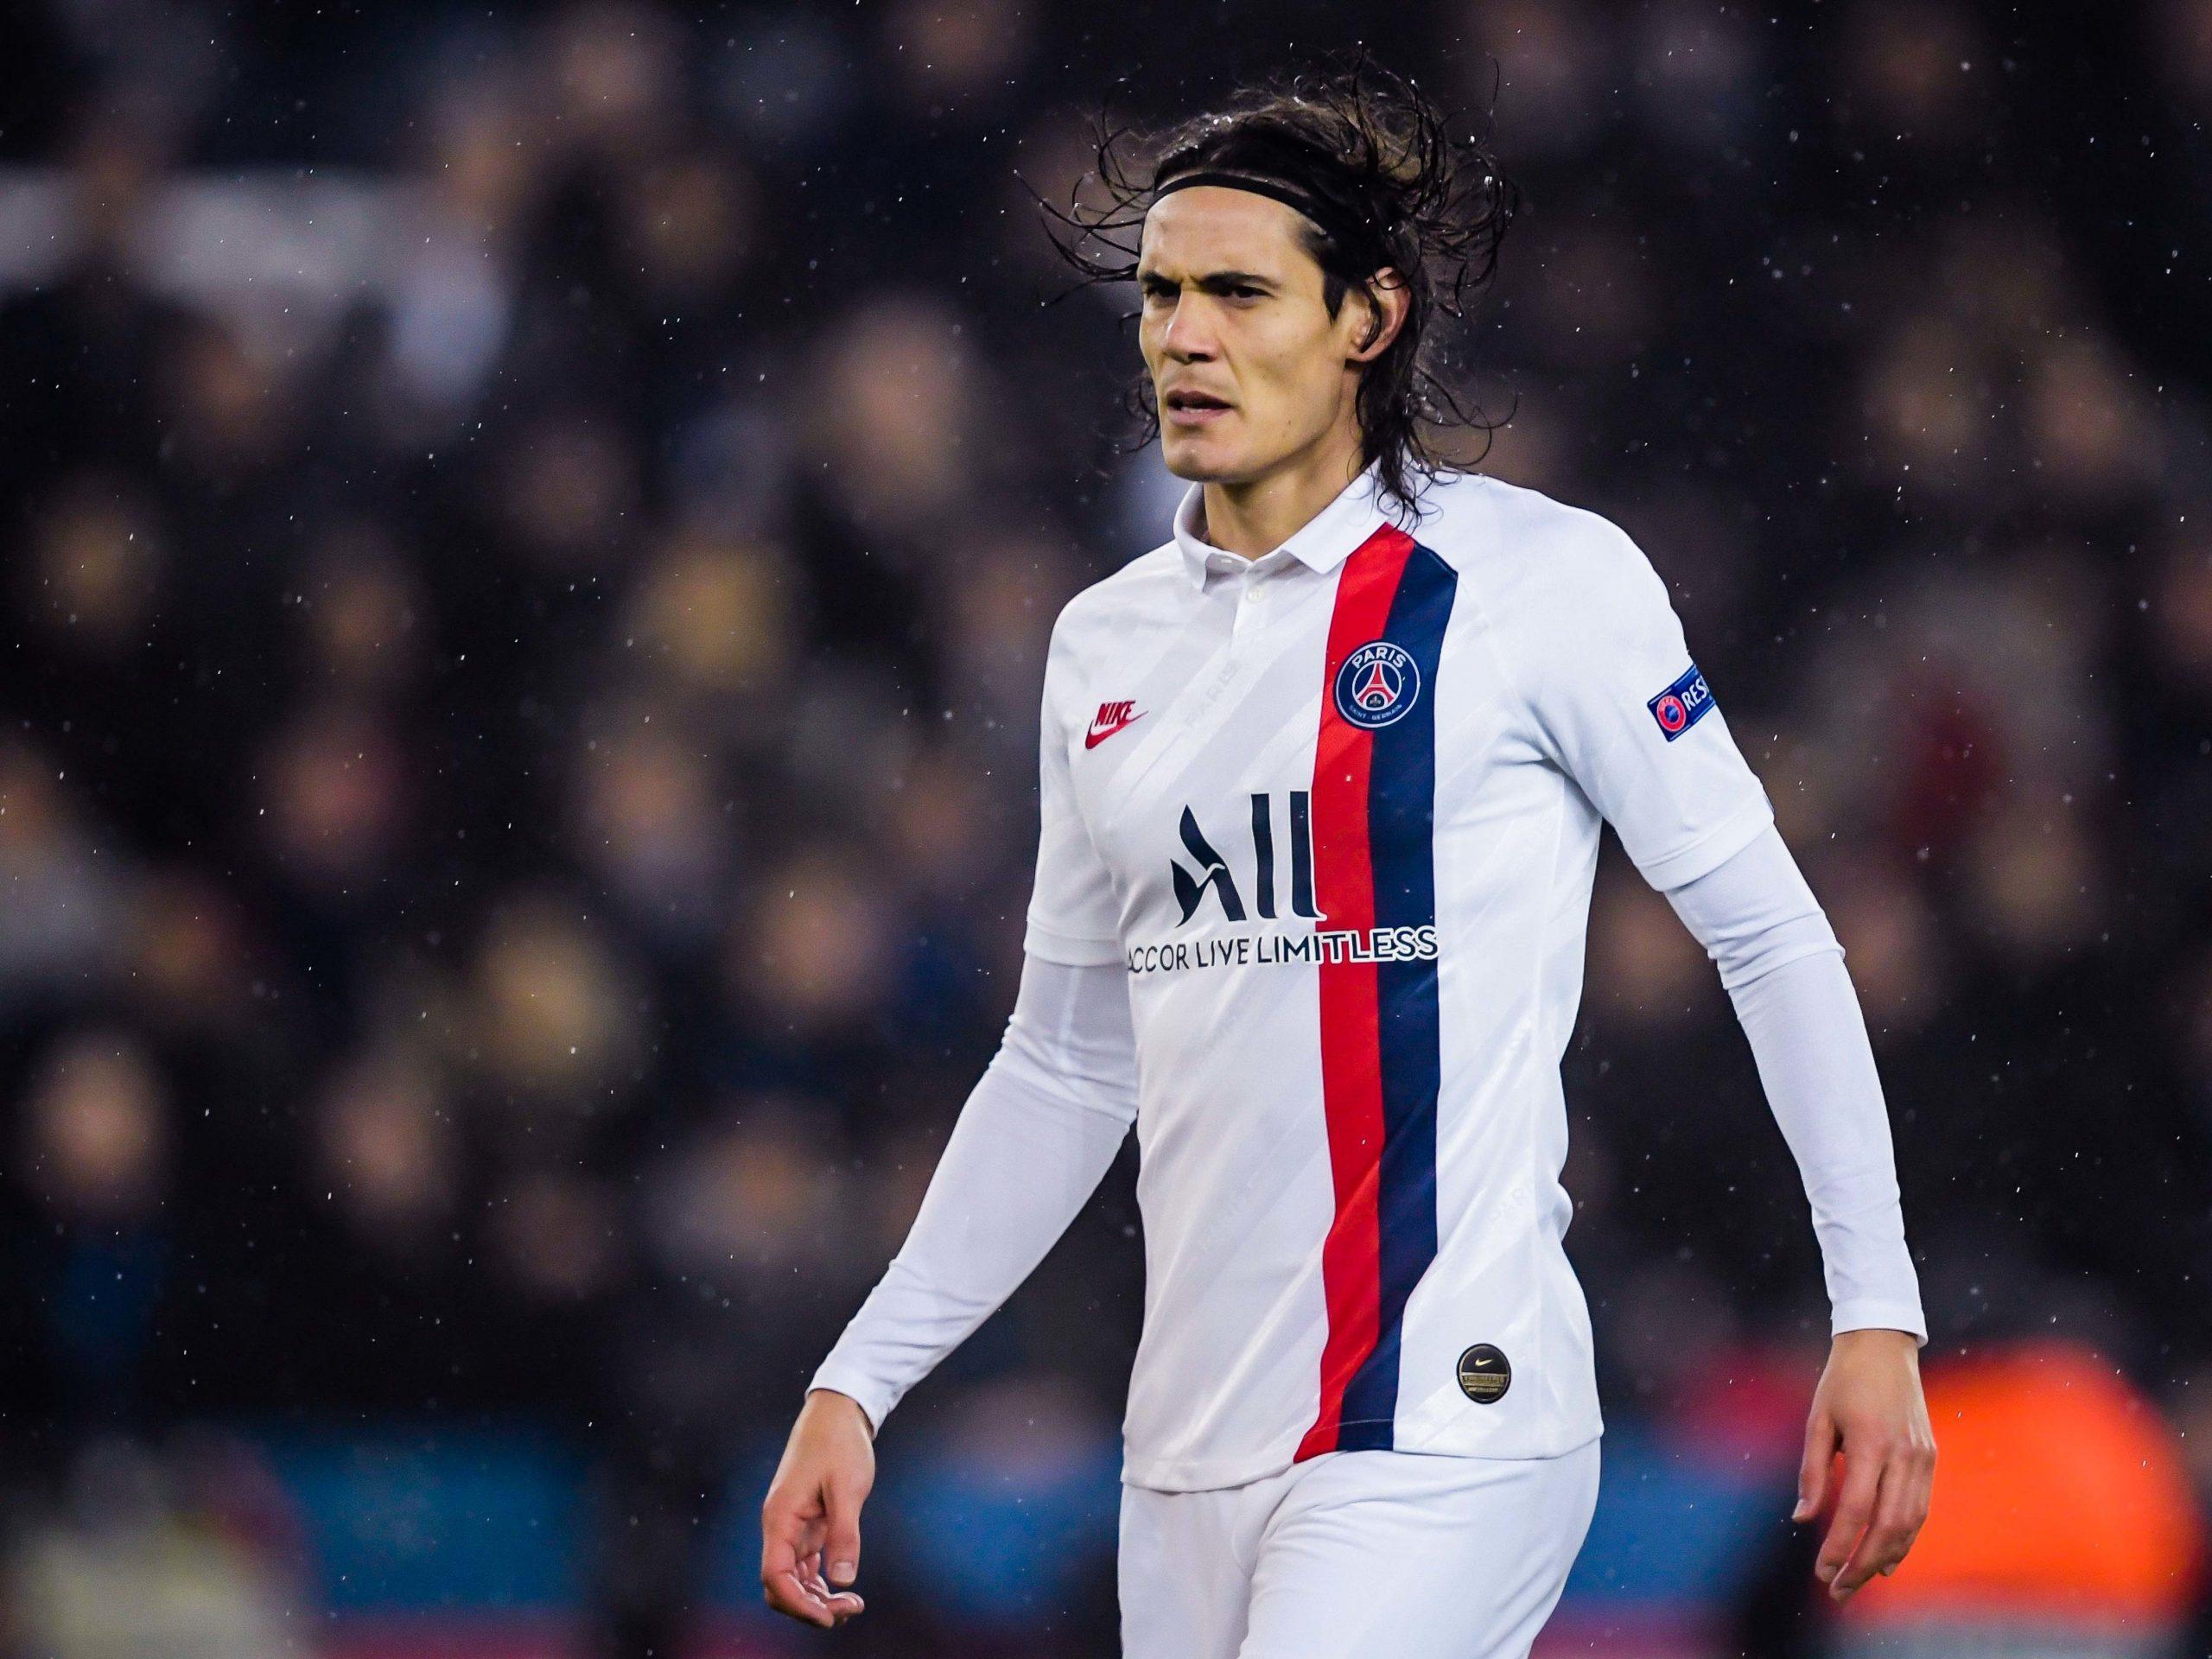 Mercato - L'Atlético a proposé 10 millions d'euros pour Cavani, qui veut partir, et le PSG a refusé selon RMC Sport